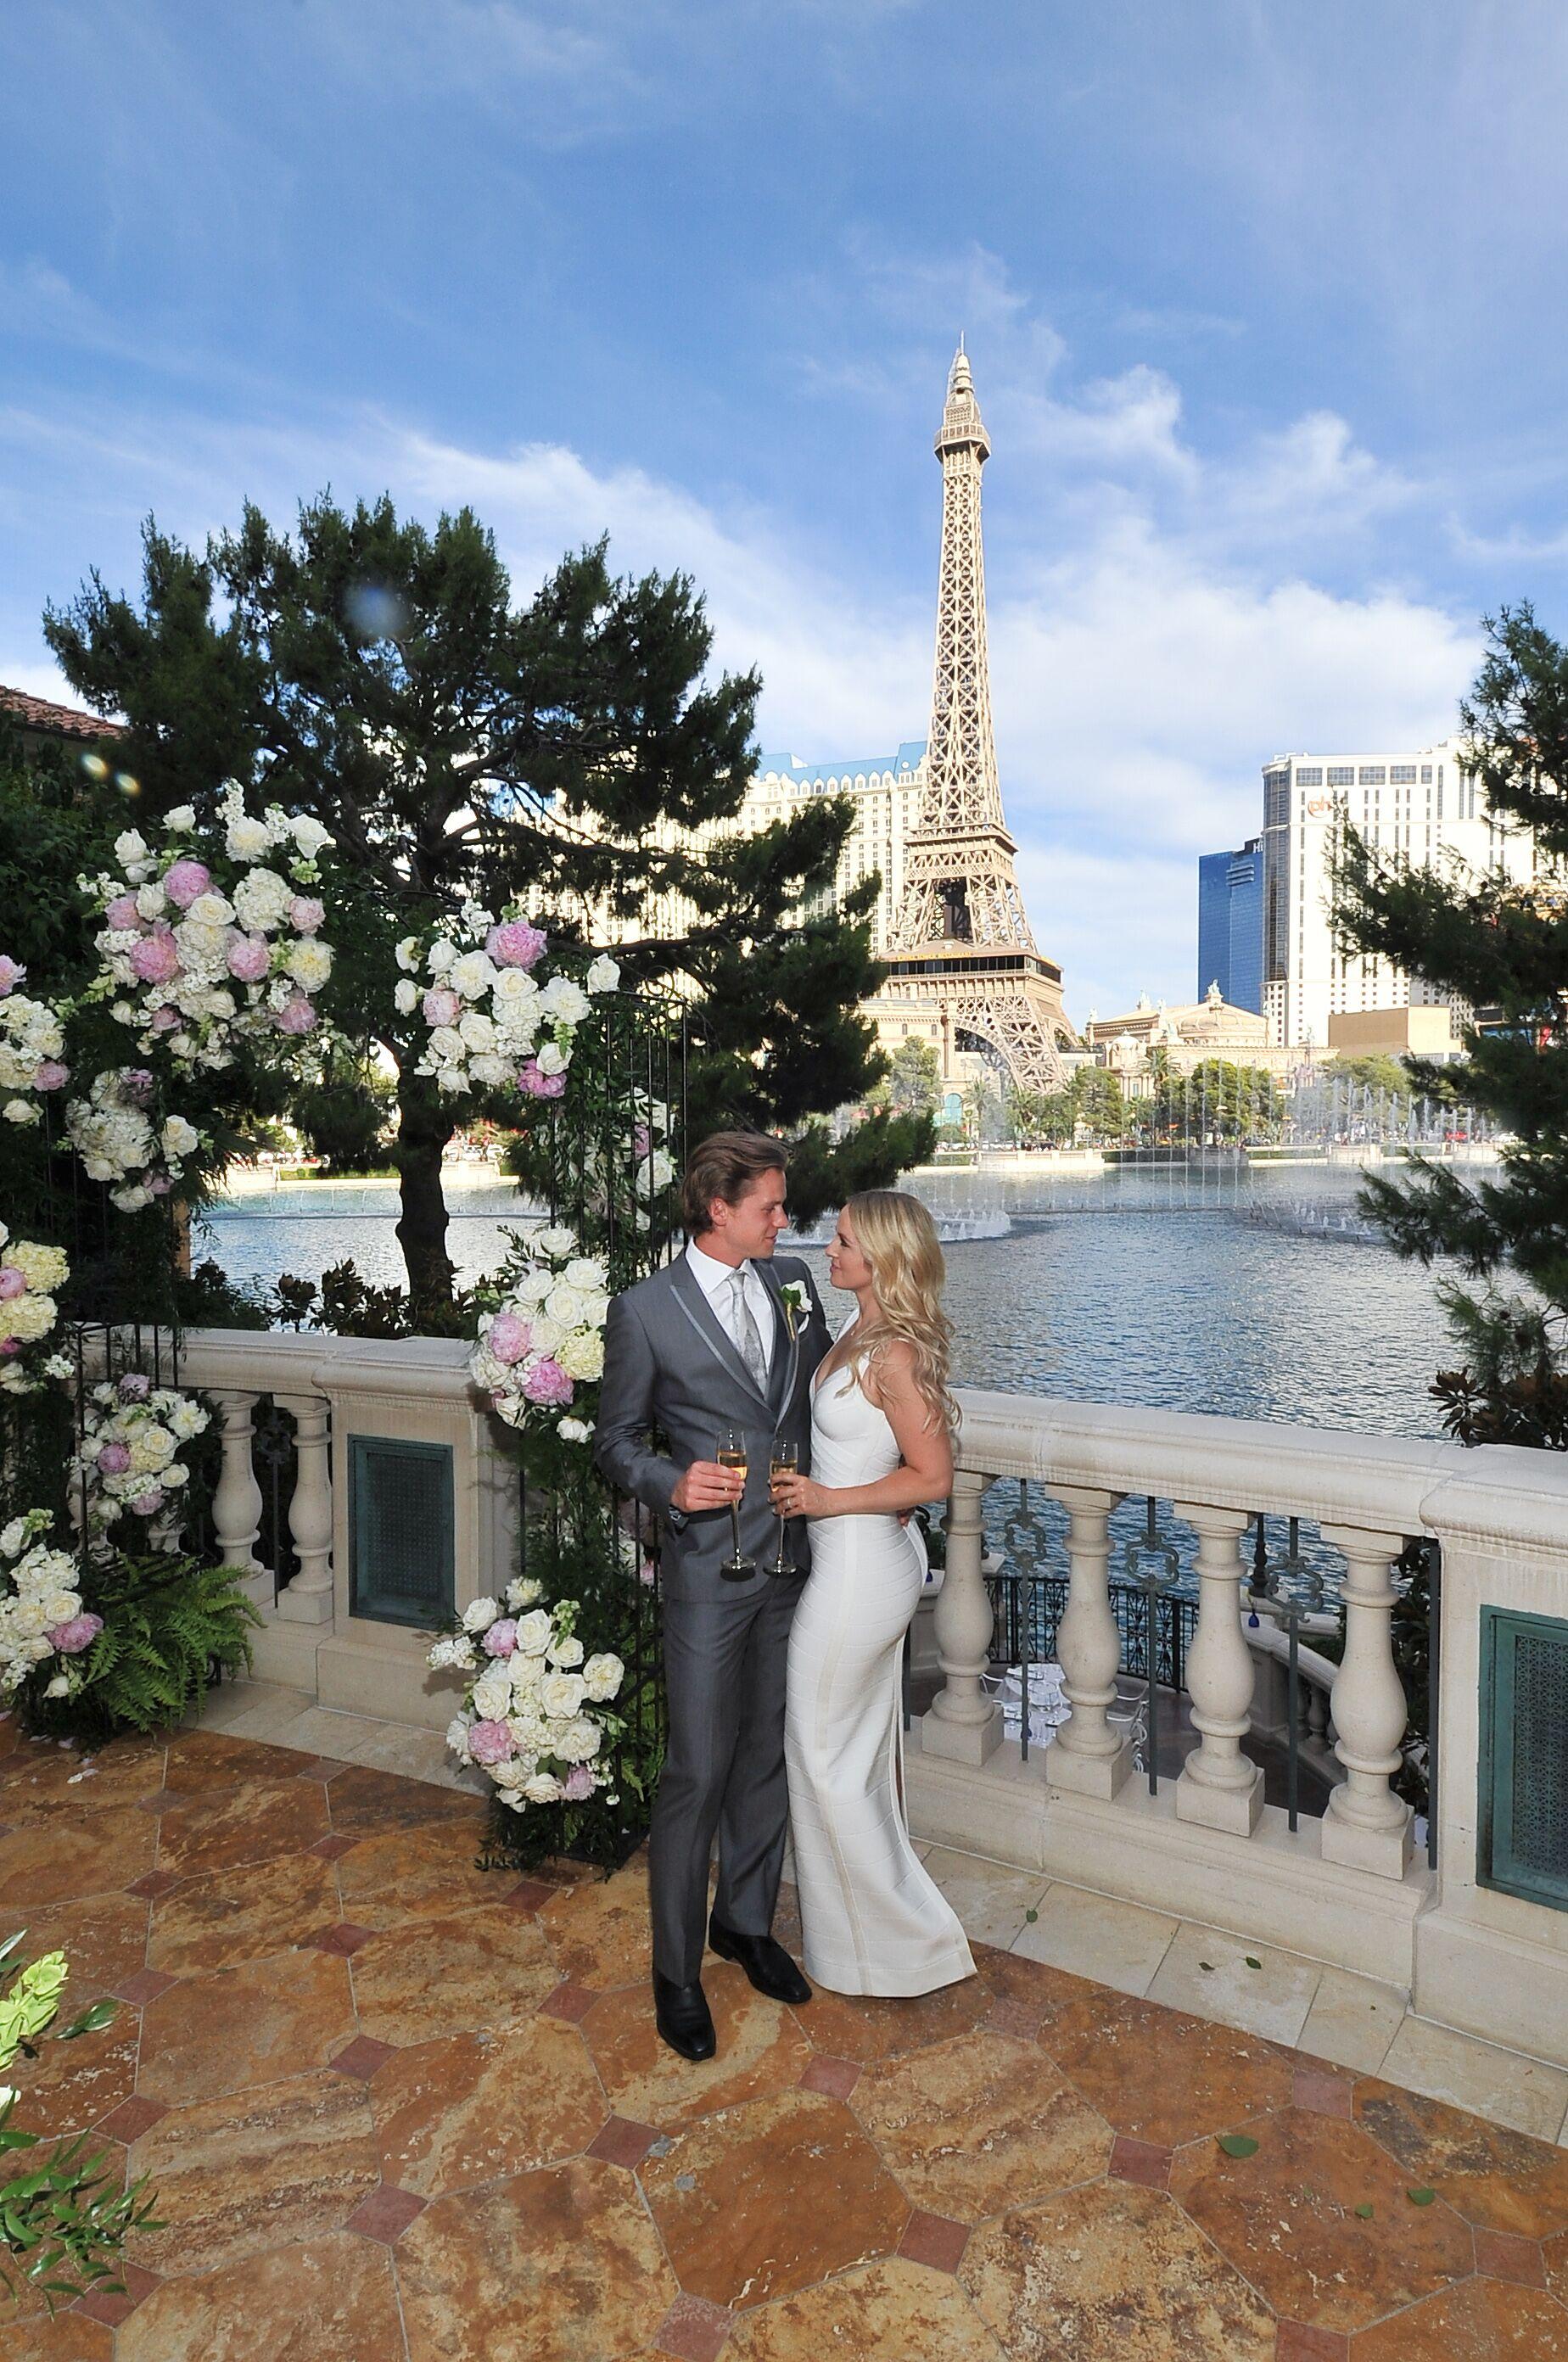 Weddings At Bellagio Reception Venues Las Vegas Nv